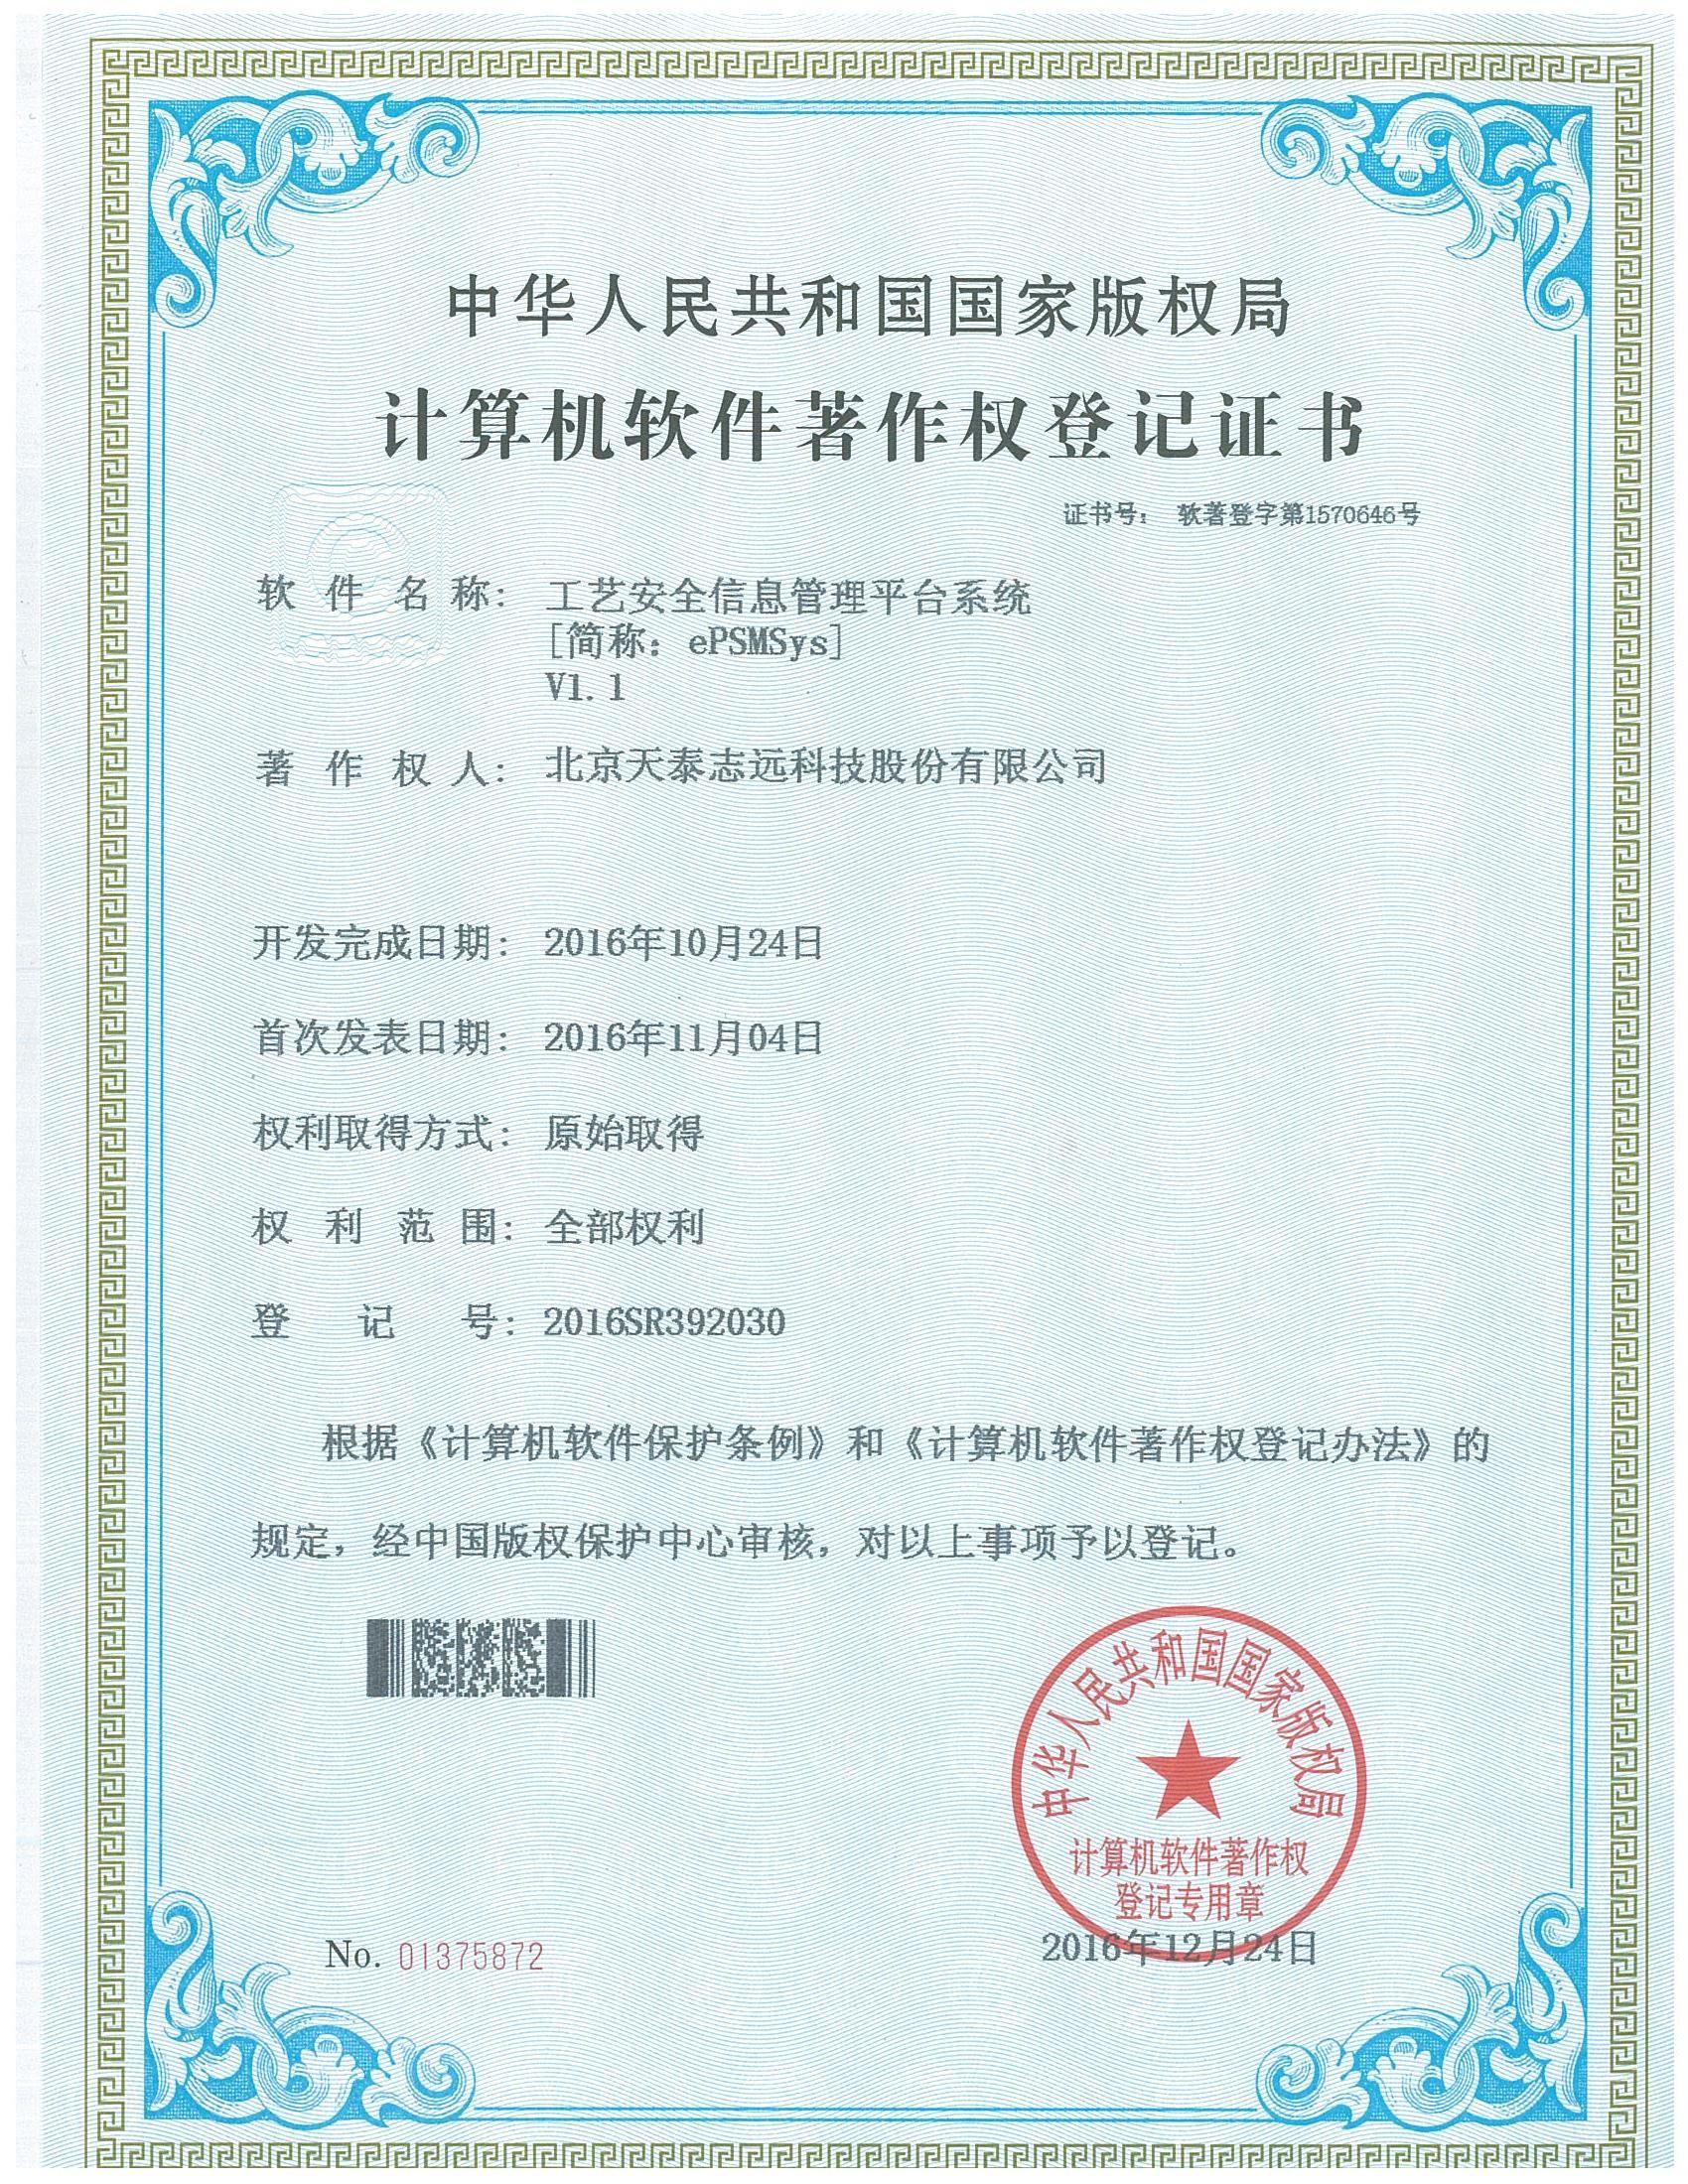 天泰志远:工艺安全信息管理平台系统著作权登记证书